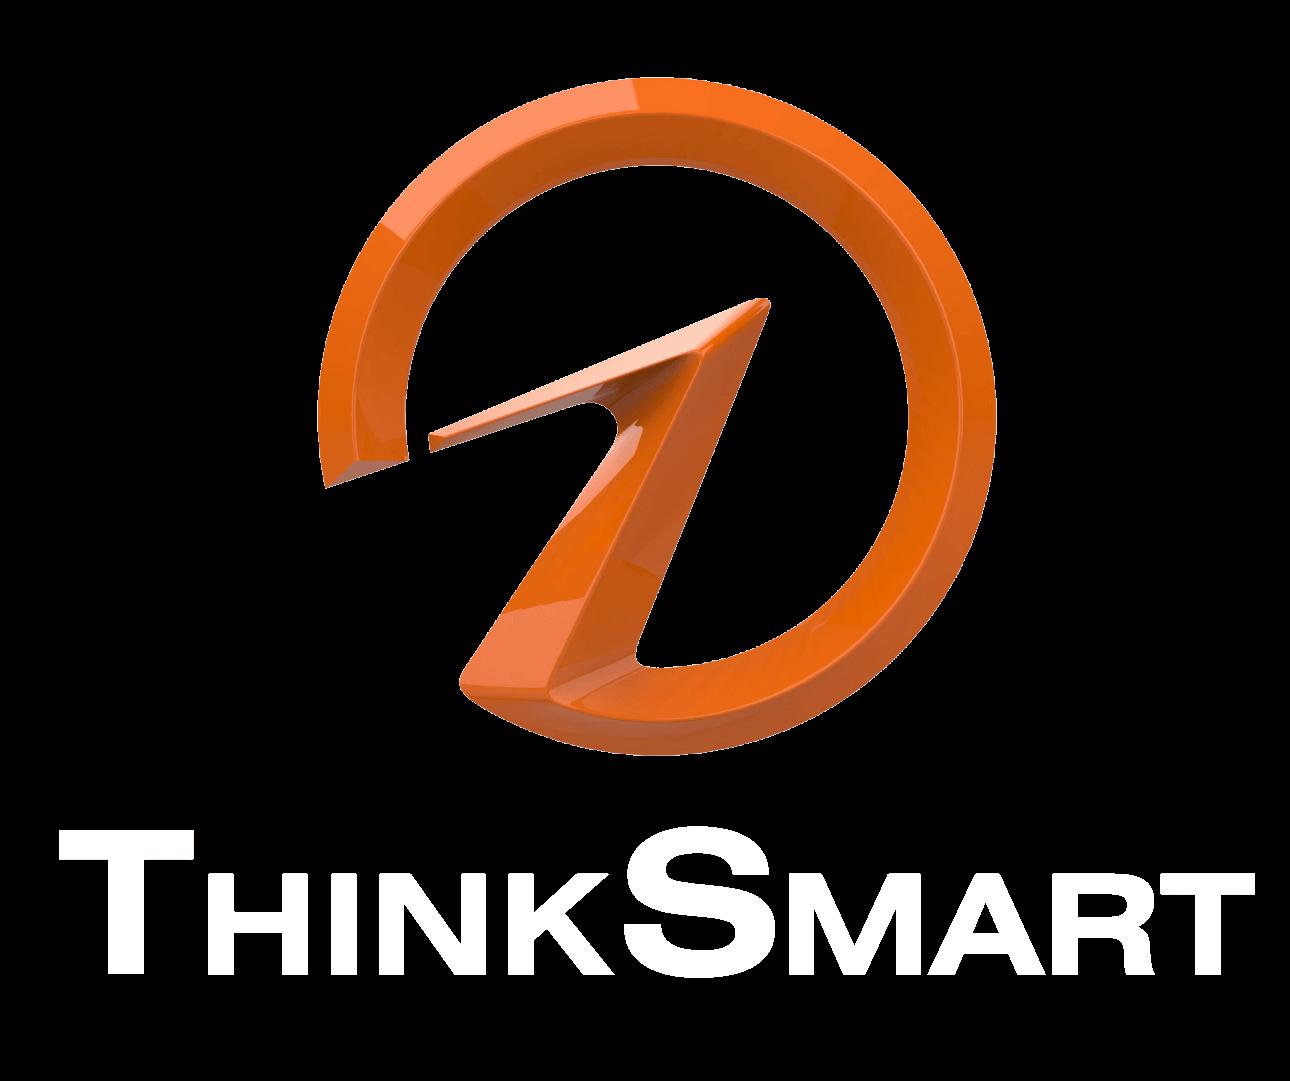 Công ty TNHH Thinksmart Việt Nam